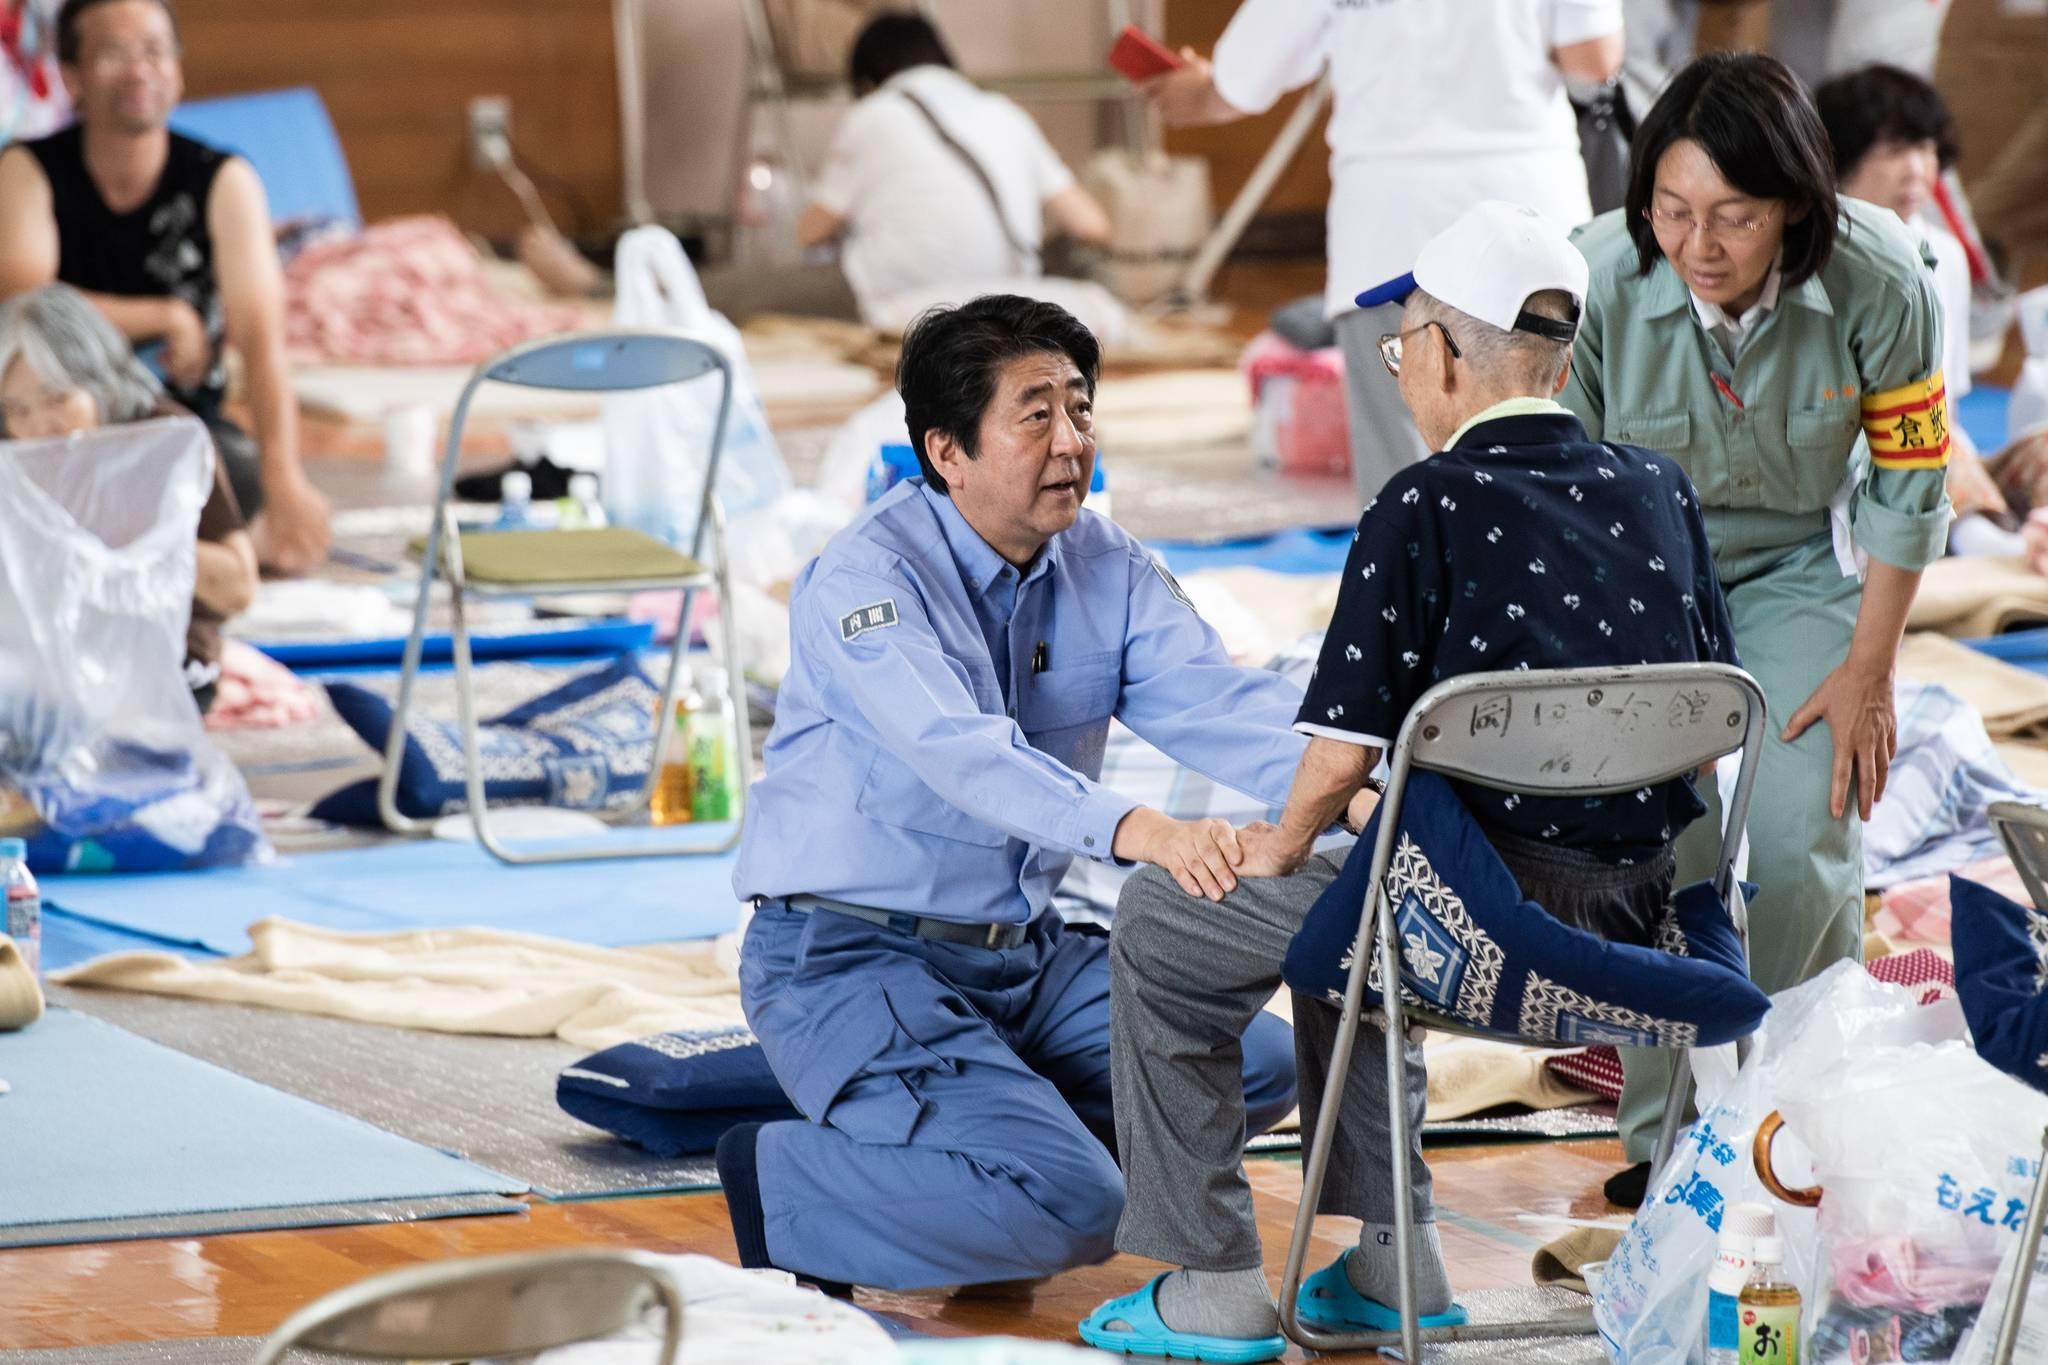 아베 신조(安倍晋三) 일본 총리가 11일(현지시간) 폭우 피해를 본 오카야마 현 구라시키 시에 있는 피난시설을 방문해 무릎을 꿇고 이재민들의 이야기를 듣고 있다. SNS상에서는 지난 5일 밤 기상청의 재난 예보에도 불구 하고 술판을 벌여 여론의 지탄을 받았던 아베 총리가 선거를 앞두고 표심을 고려한 뒤늦은 현장 대처라는 비난이 이어졌다. [AFP=연합뉴스]